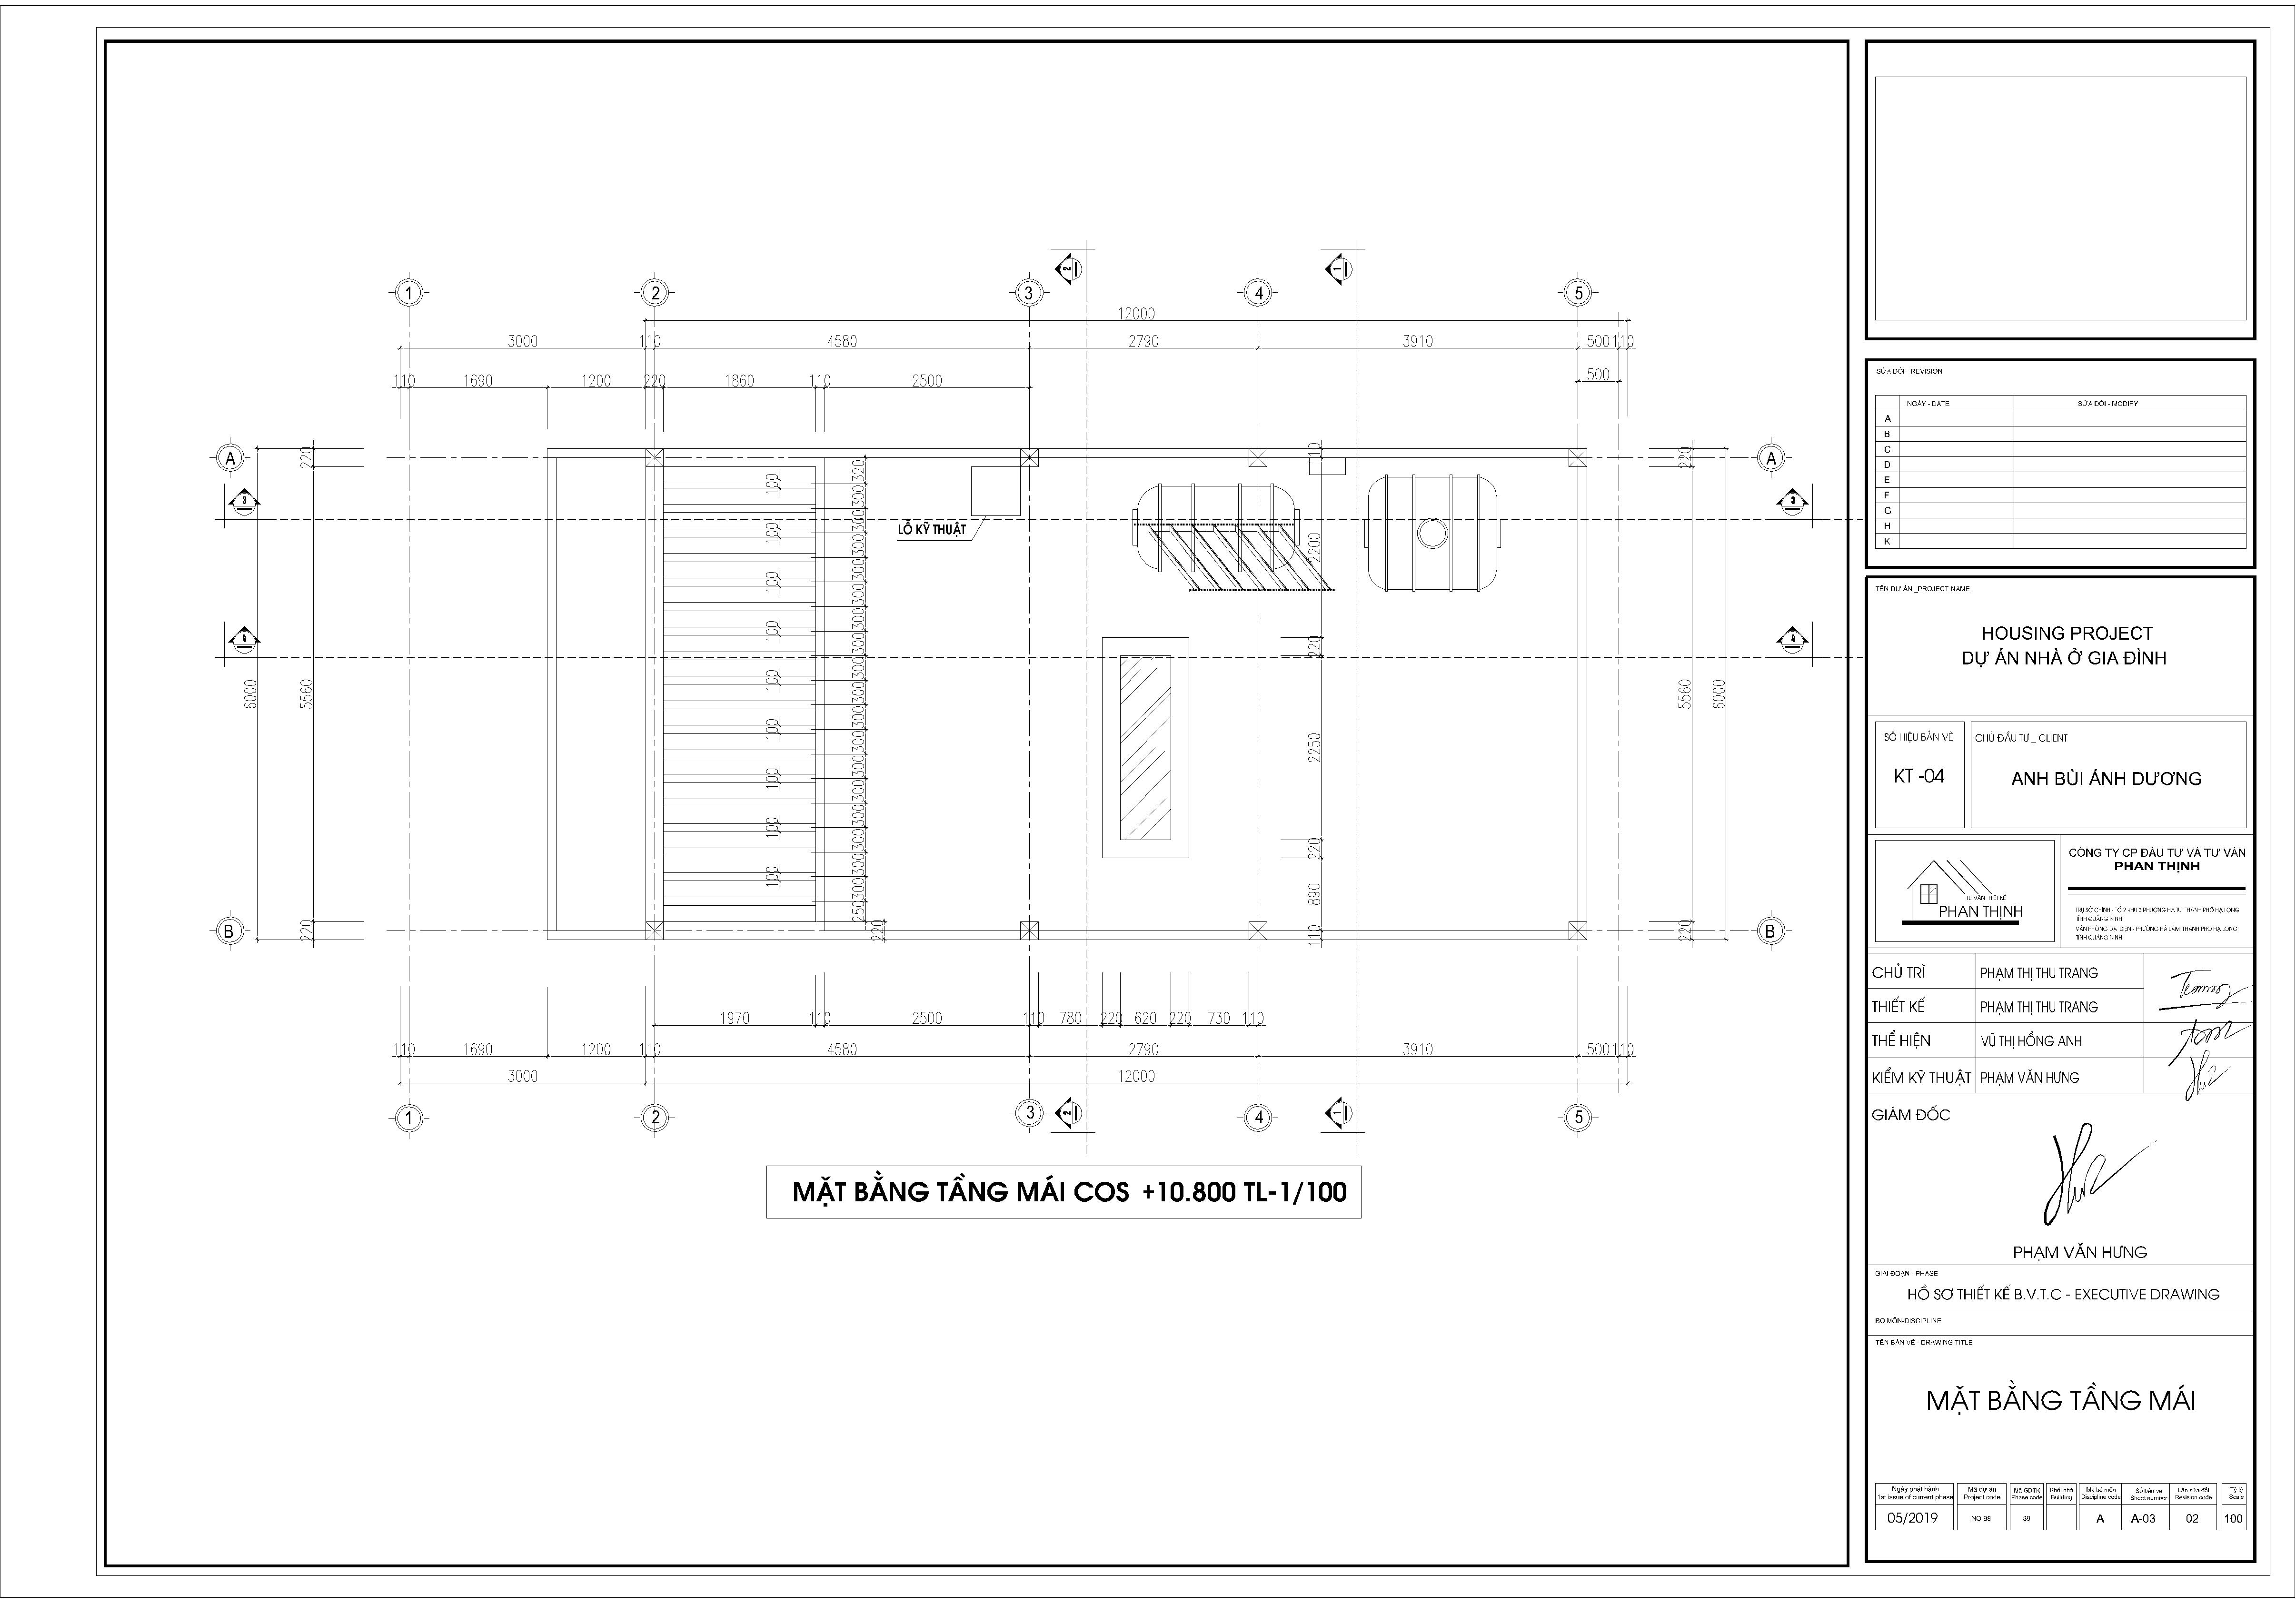 Thiết kế xây dựng nhà tại tầng mái.